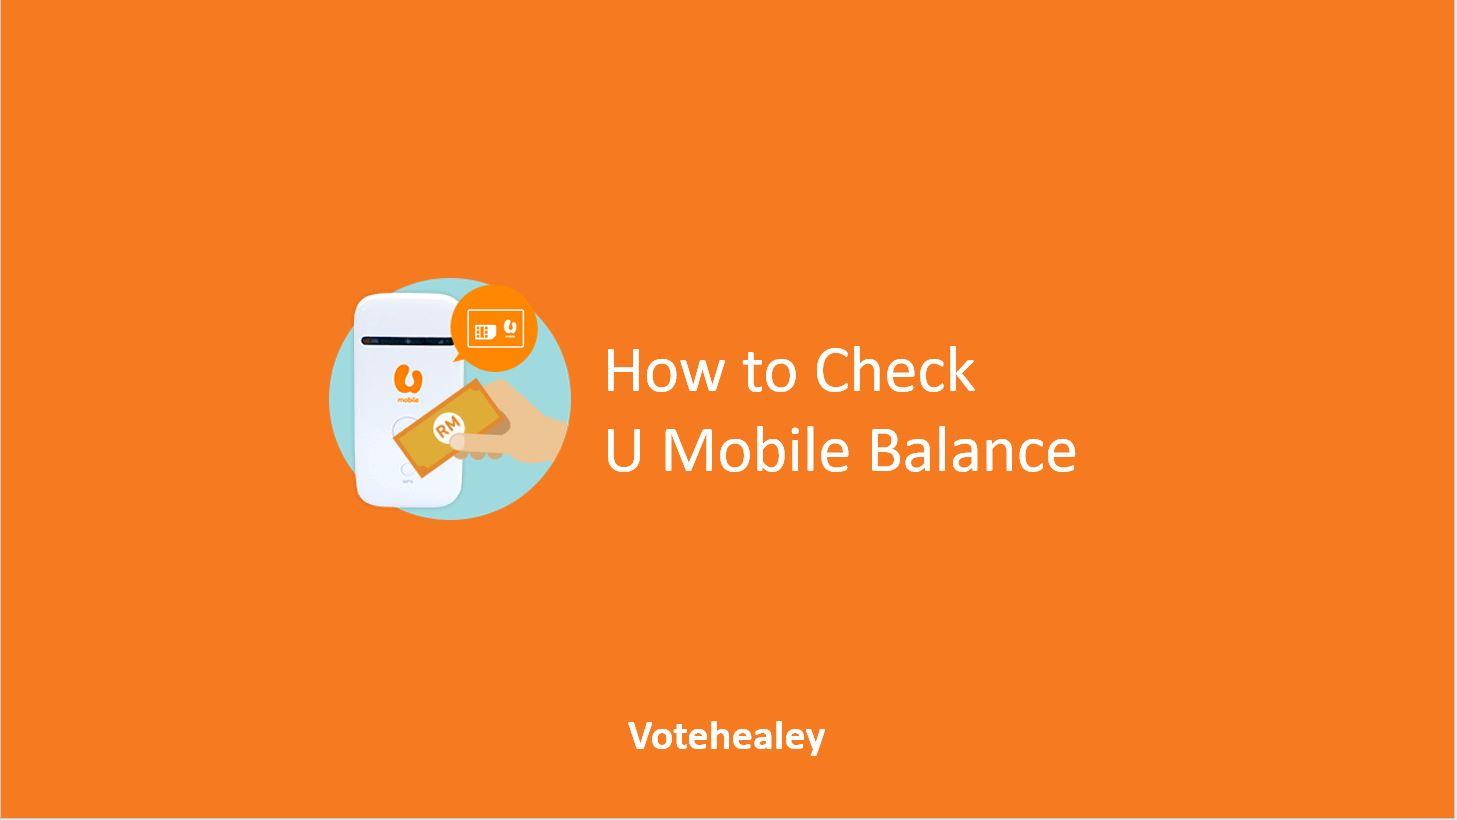 How to Check U Mobile Balance